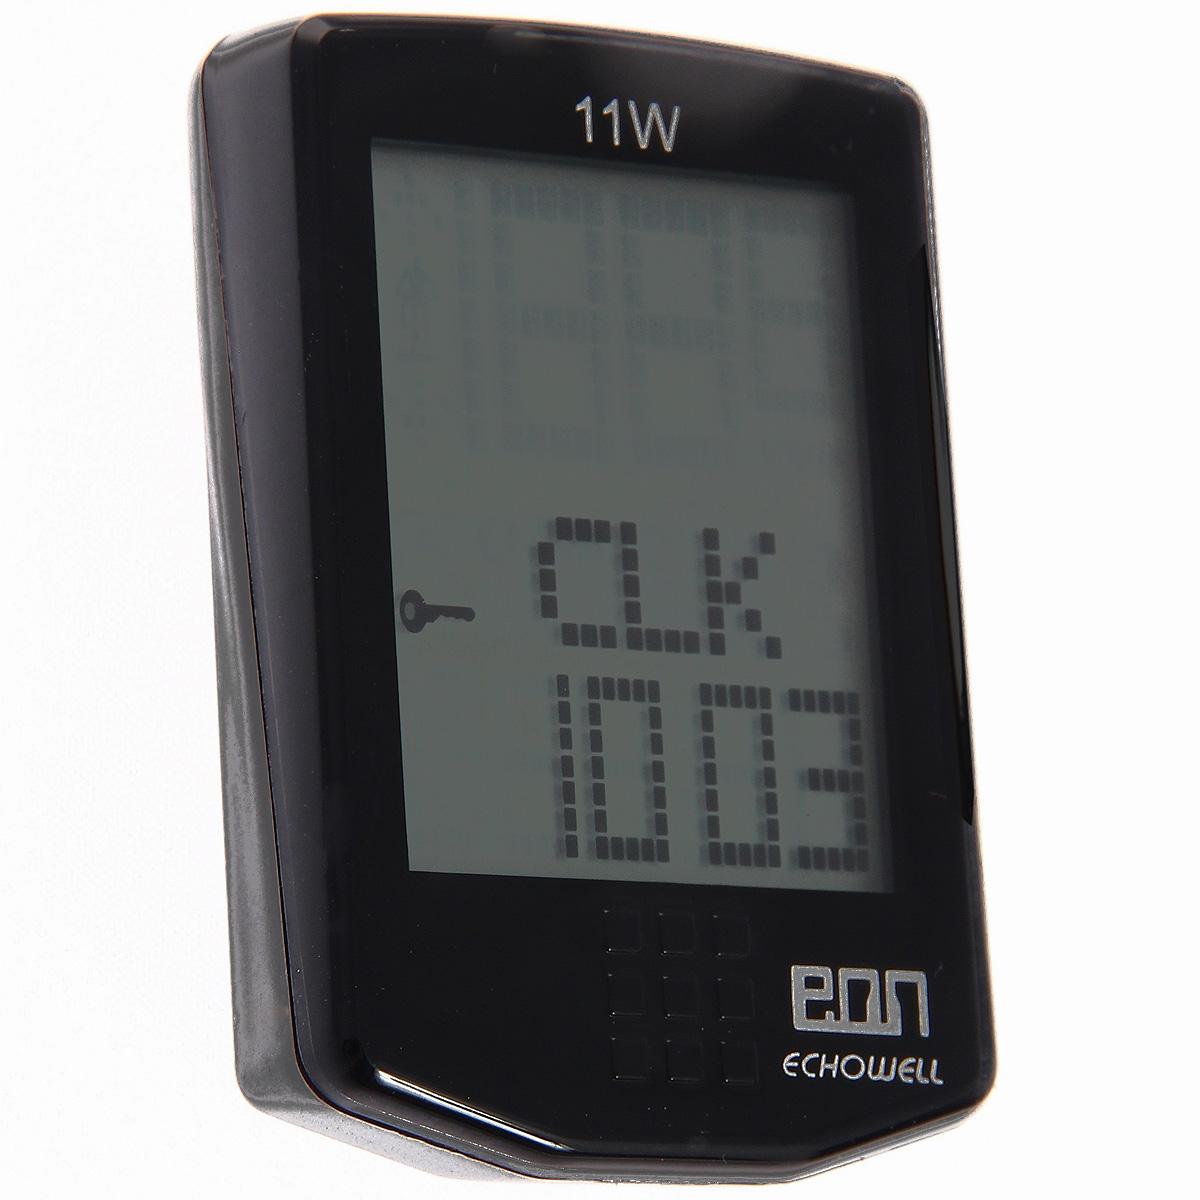 Велокомпьютер Eon-11W, 11 функций, цвет: черный30249Беспроводной велокомпьютер Eon-11W с одиннадцатью функциями в стильном корпусе предназначен для использования при занятиях велоспортом, велотуризмом и просто катании на велосипеде. Имеет отличную водо и пылезащиту. Все операции инастройки выполняются одной сенсорной кнопкой Велокомпьютер определяет скоростьс точностью до десятых долей, дистанцию - с точностью до 10 метров. Расстояние может измеряться в километрах или милях по выбору. На дисплее функции поочередно сменяют друг друга. Язык - английский. Прилагается инструкция на русском и английском языках. Характеристики:Материал: пластик, металл. Размер велокомпьютера: 3 см x 5 см x 1,5 см. Размер упаковки: 12 см x 7 см x 5 см. Изготовитель: Китай.Гид по велоаксессуарам. Статья OZON Гид